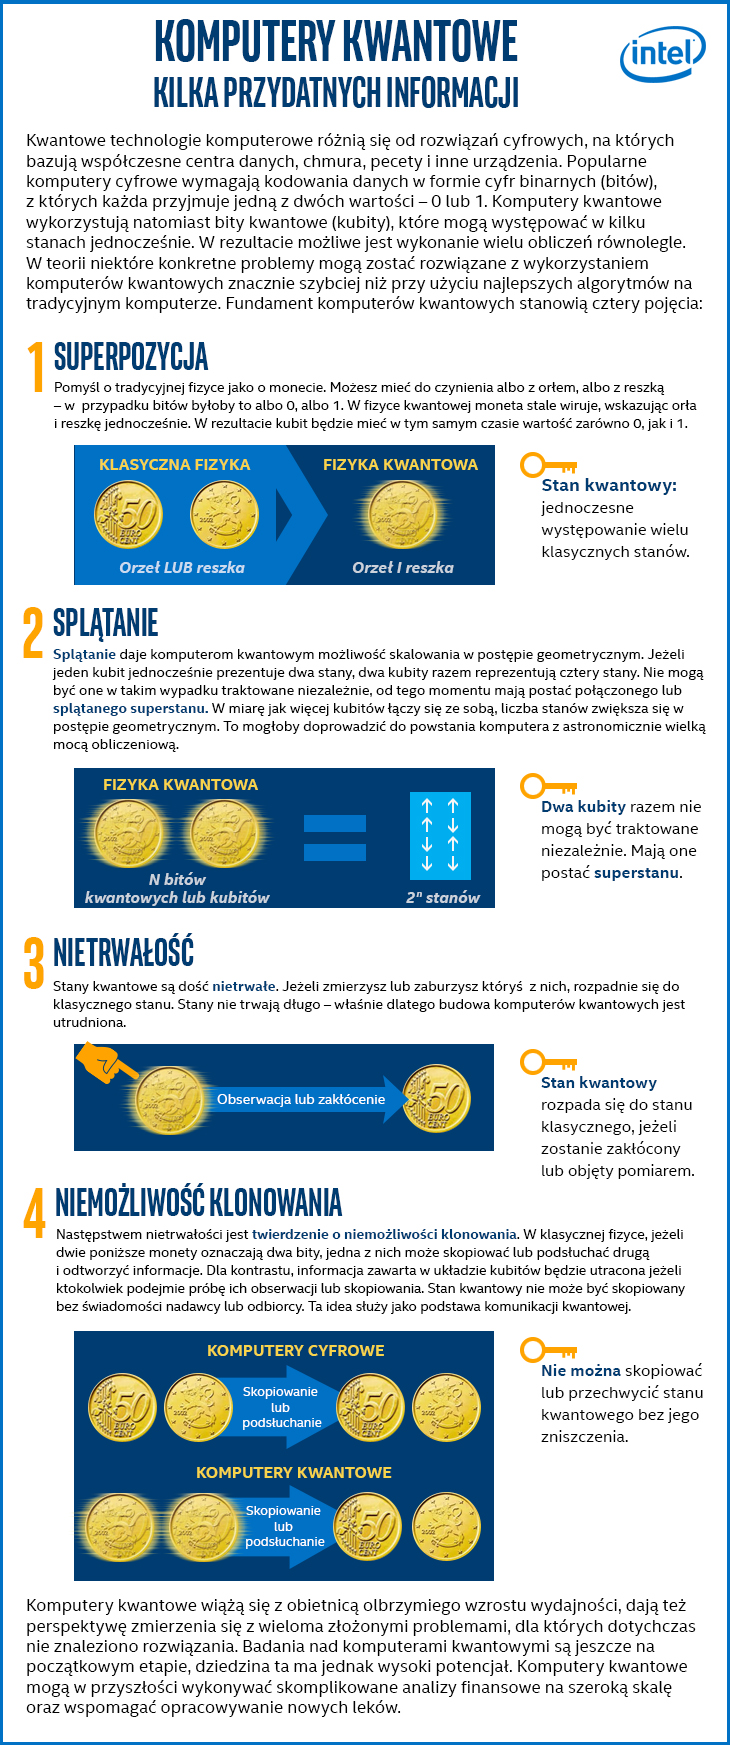 Intel inwestycja w komputery kwantowe - Infografika